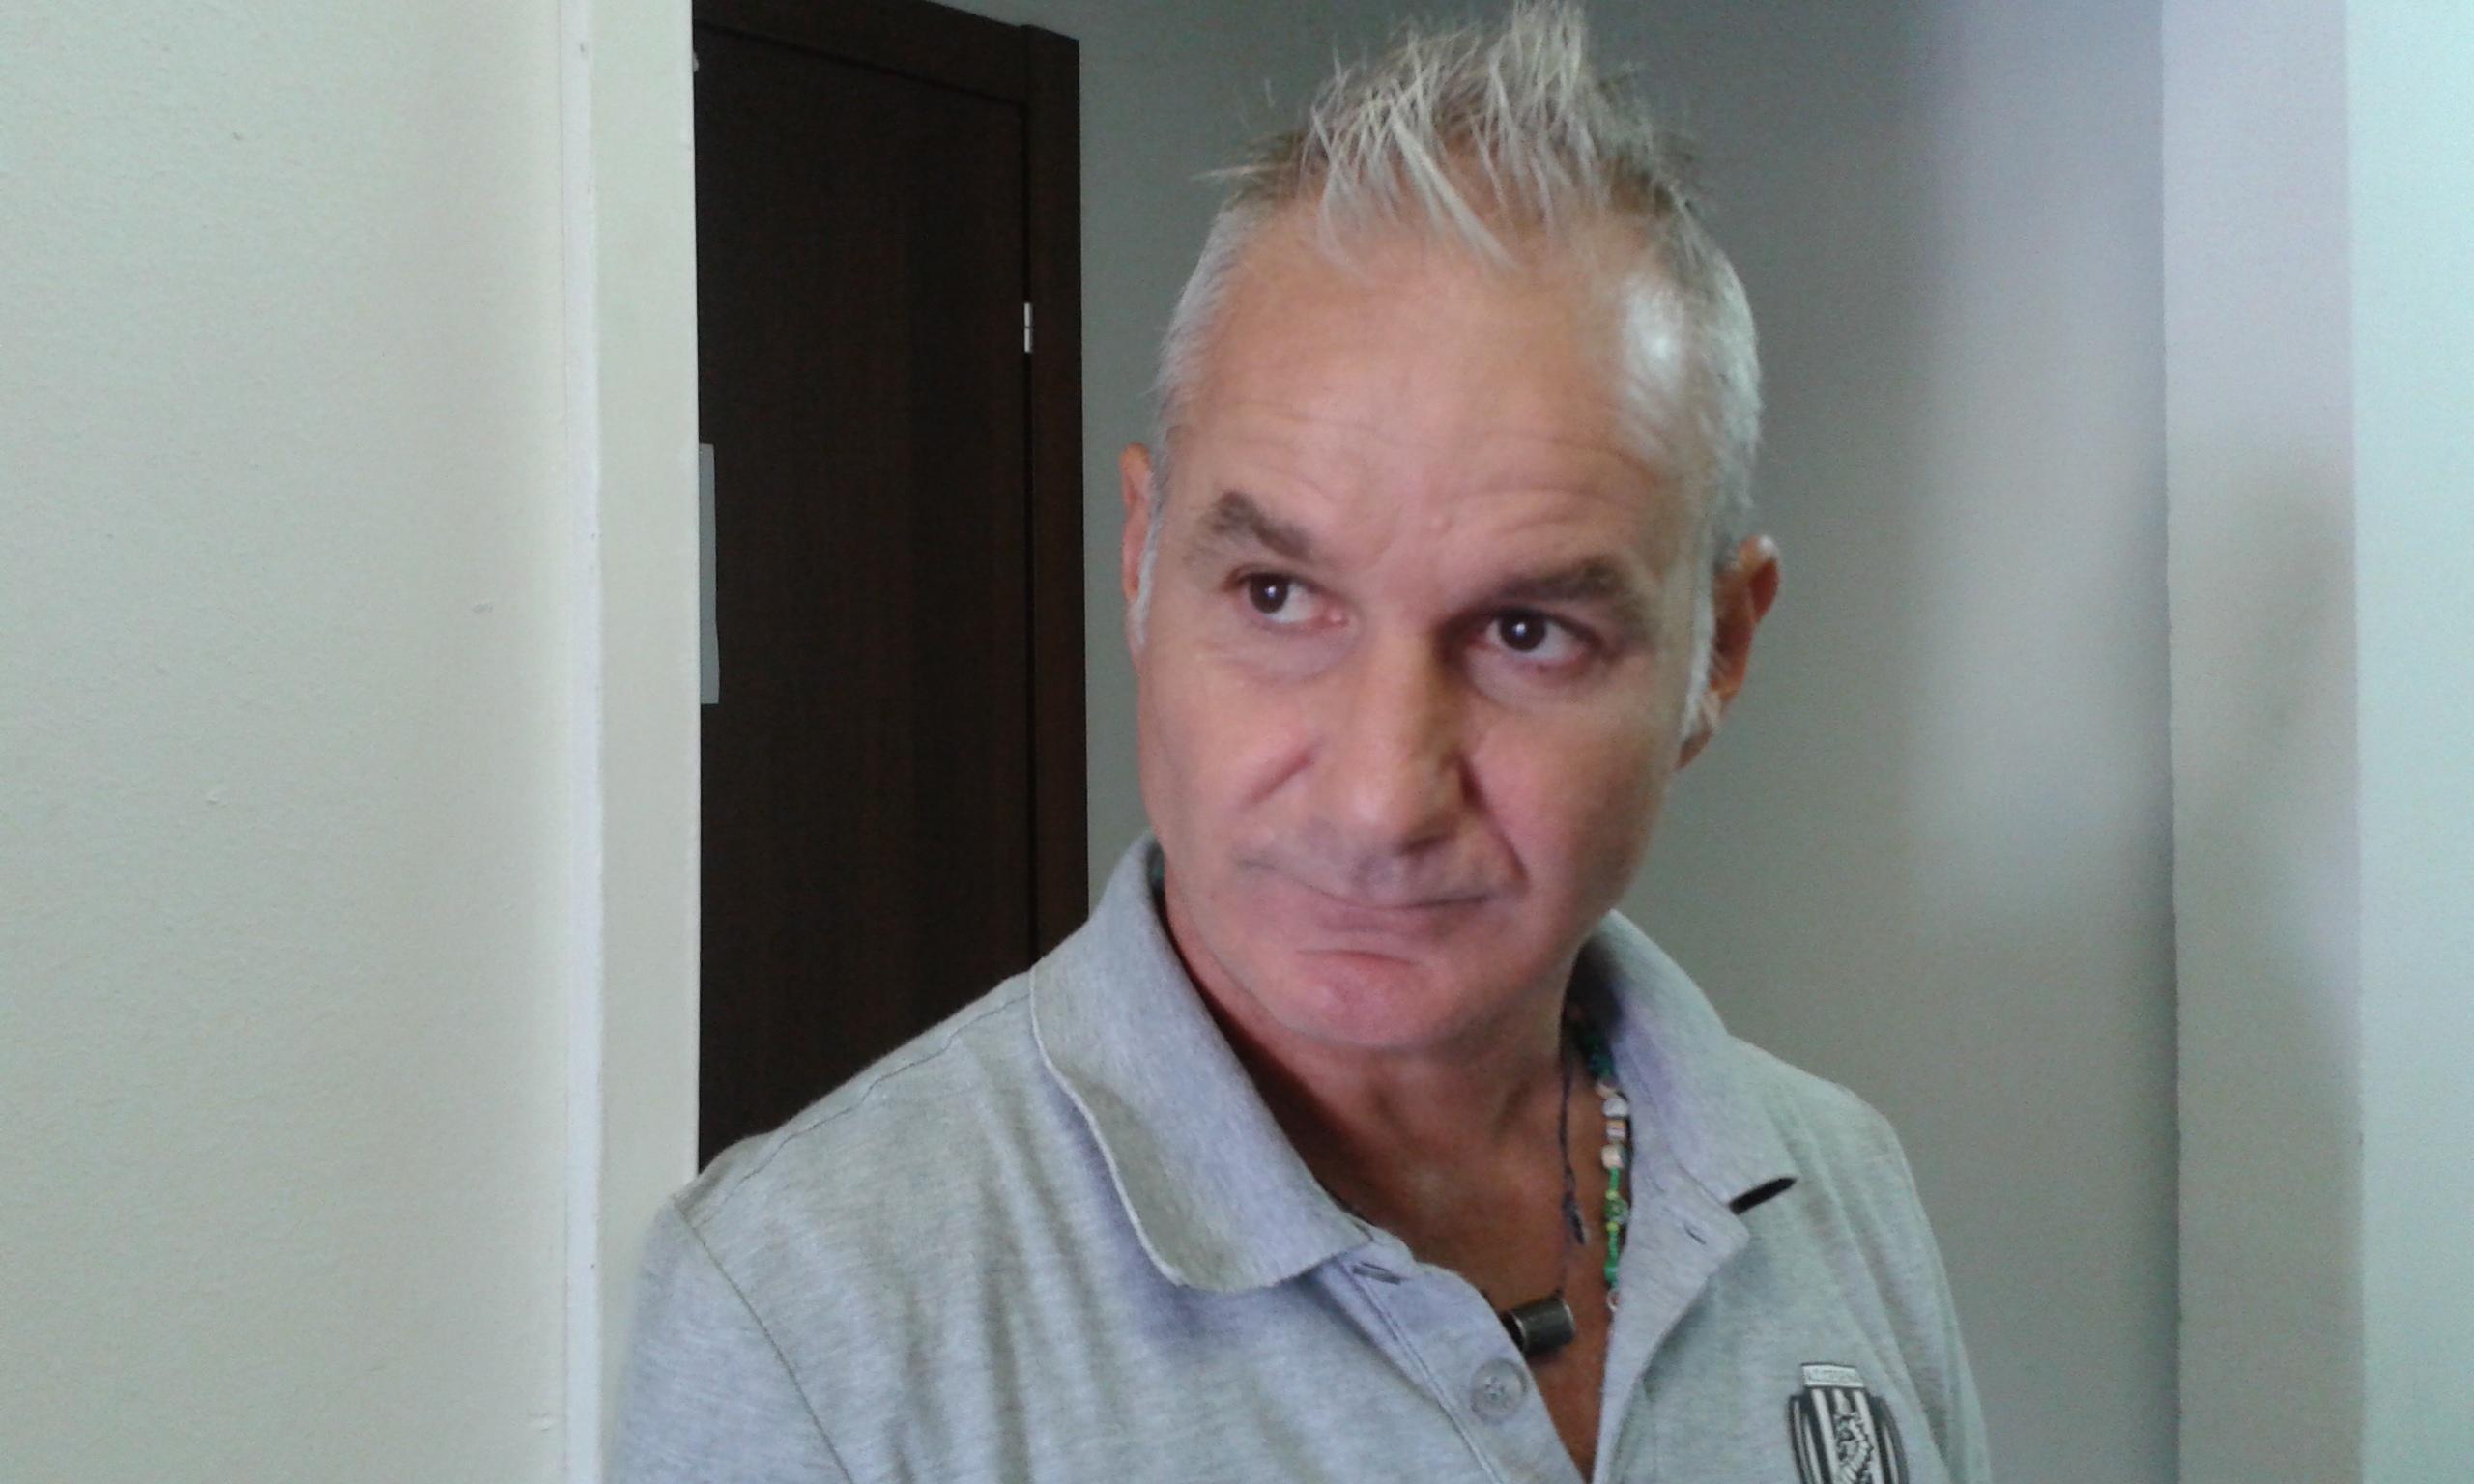 Massimo-Drago-Cesena-2015-PP-MP